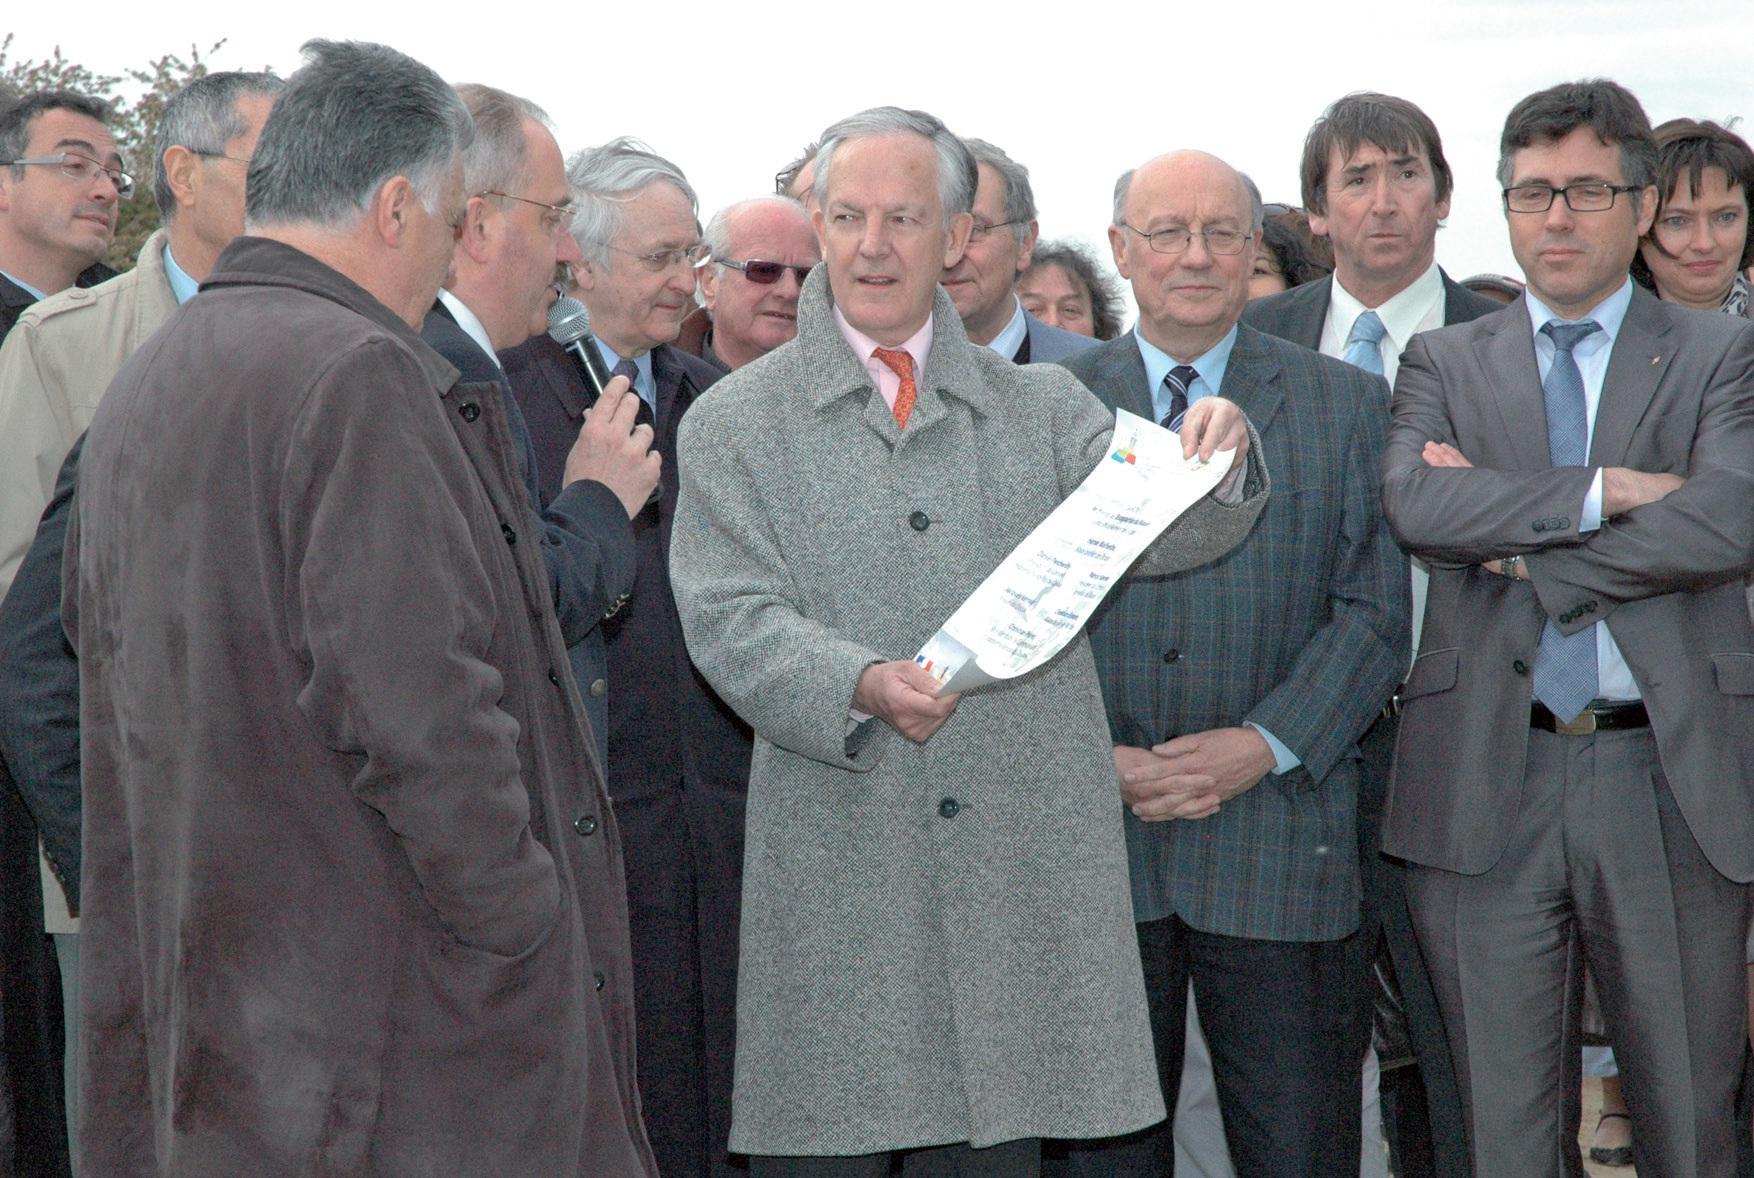 Lors de l'inauguration du Raquet, Jacques Vernier tendant à Christian Poiret, président de la CAD, le parchemin à enfouir, datant la coupure du ruban.